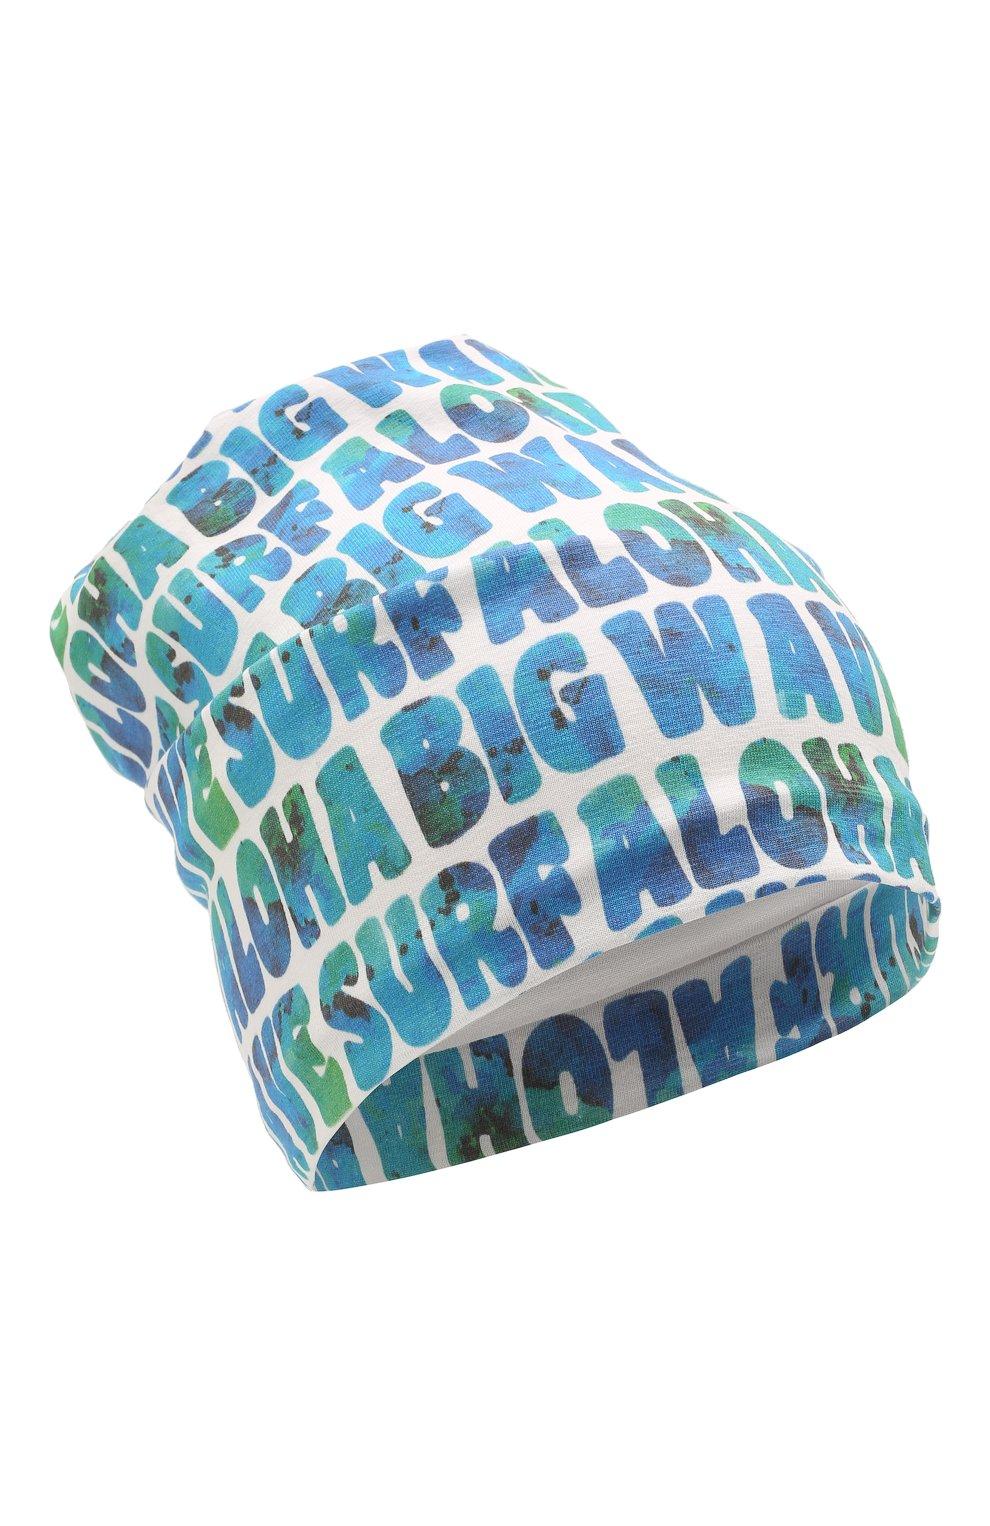 Детского хлопковая шапка IL TRENINO разноцветного цвета, арт. 21 5270   Фото 1 (Материал: Текстиль, Хлопок)